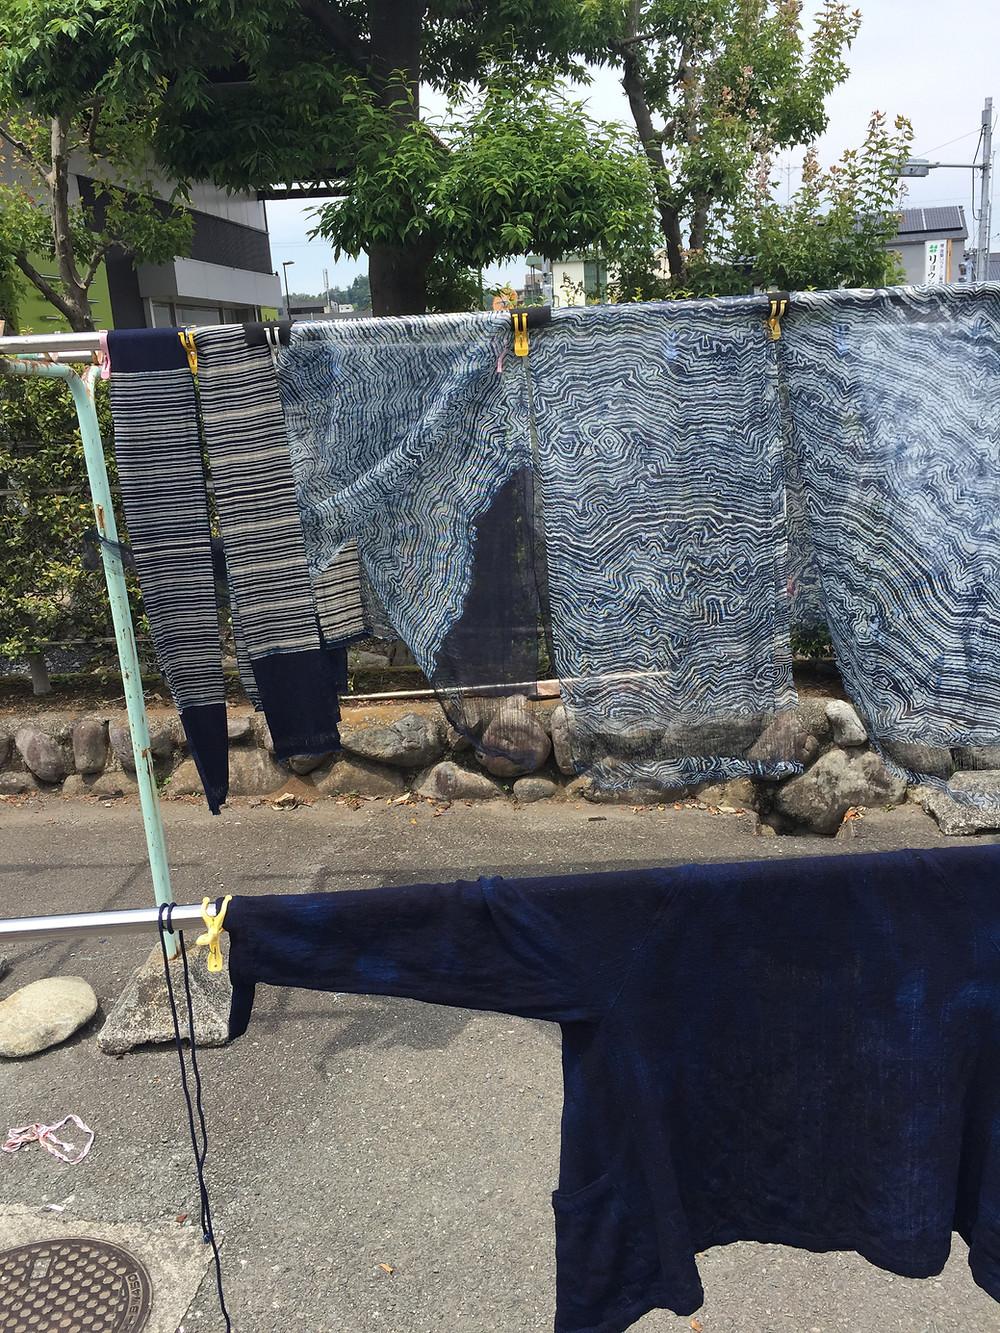 Studio in Tokyo where Kanako worked